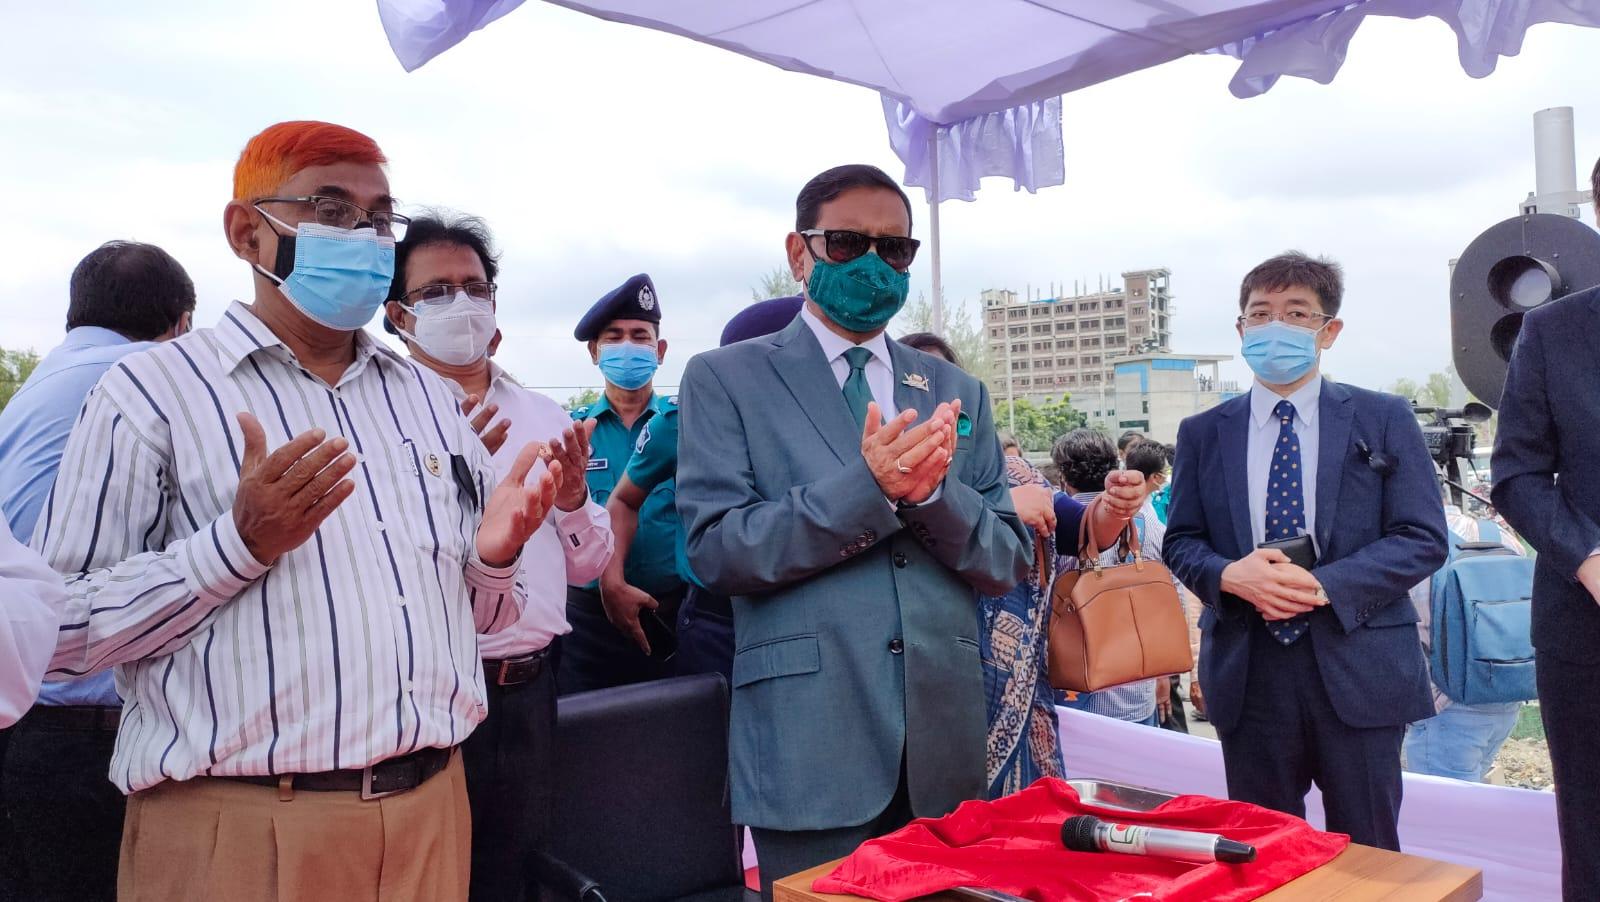 রোববার সকাল ১১ ভায়াডাক্টের উপর প্রথম মেট্রো ট্রেন চলাচল পরীক্ষণ এর আনুষ্ঠানিক সূচনা হলো